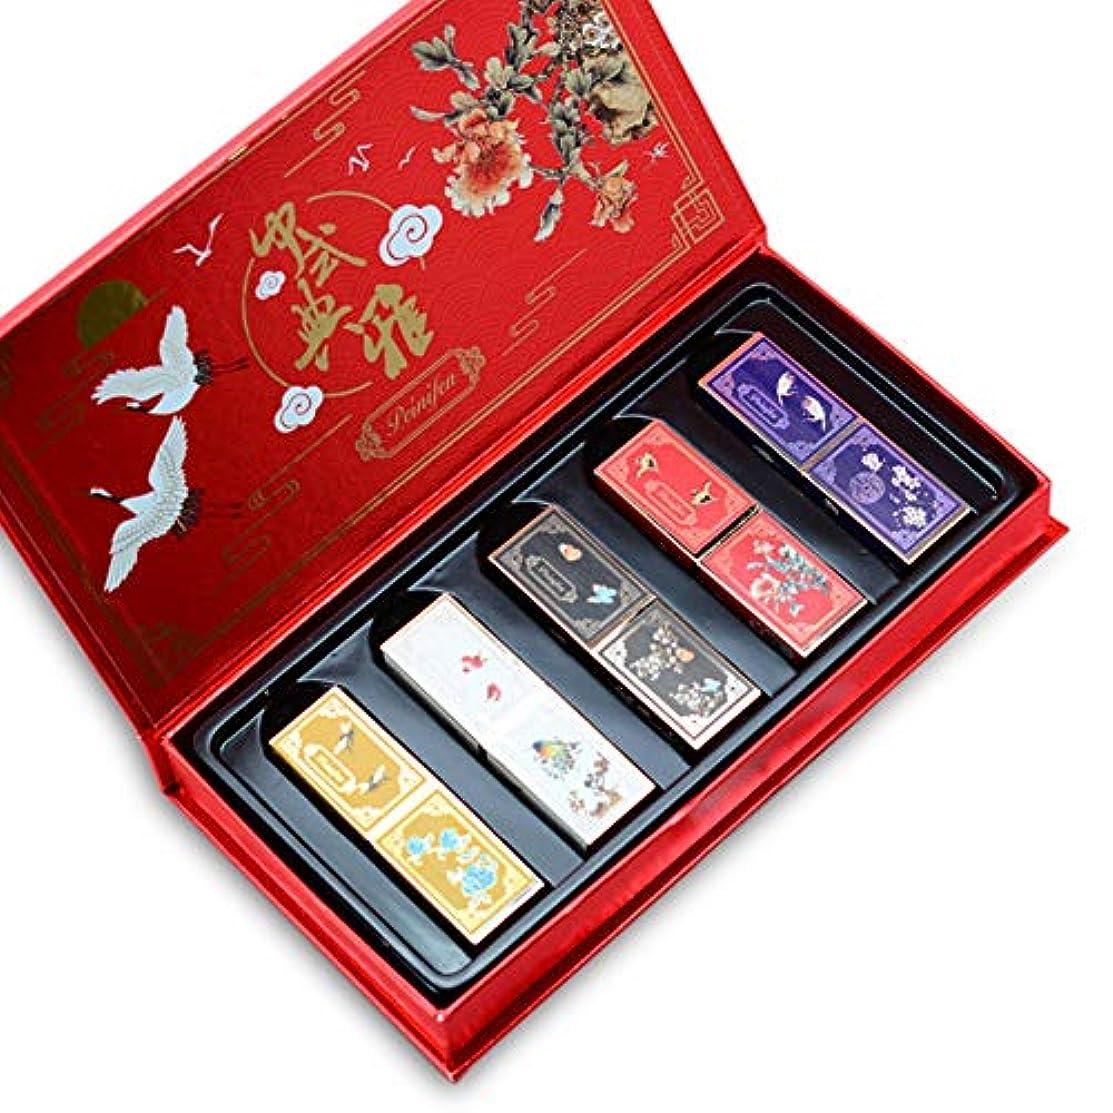 電気のフロンティアスーツBalai 紫禁城スタイルの口紅セット 防水 ノンスティックカップ長持ち口紅 キット 5種類の口紅